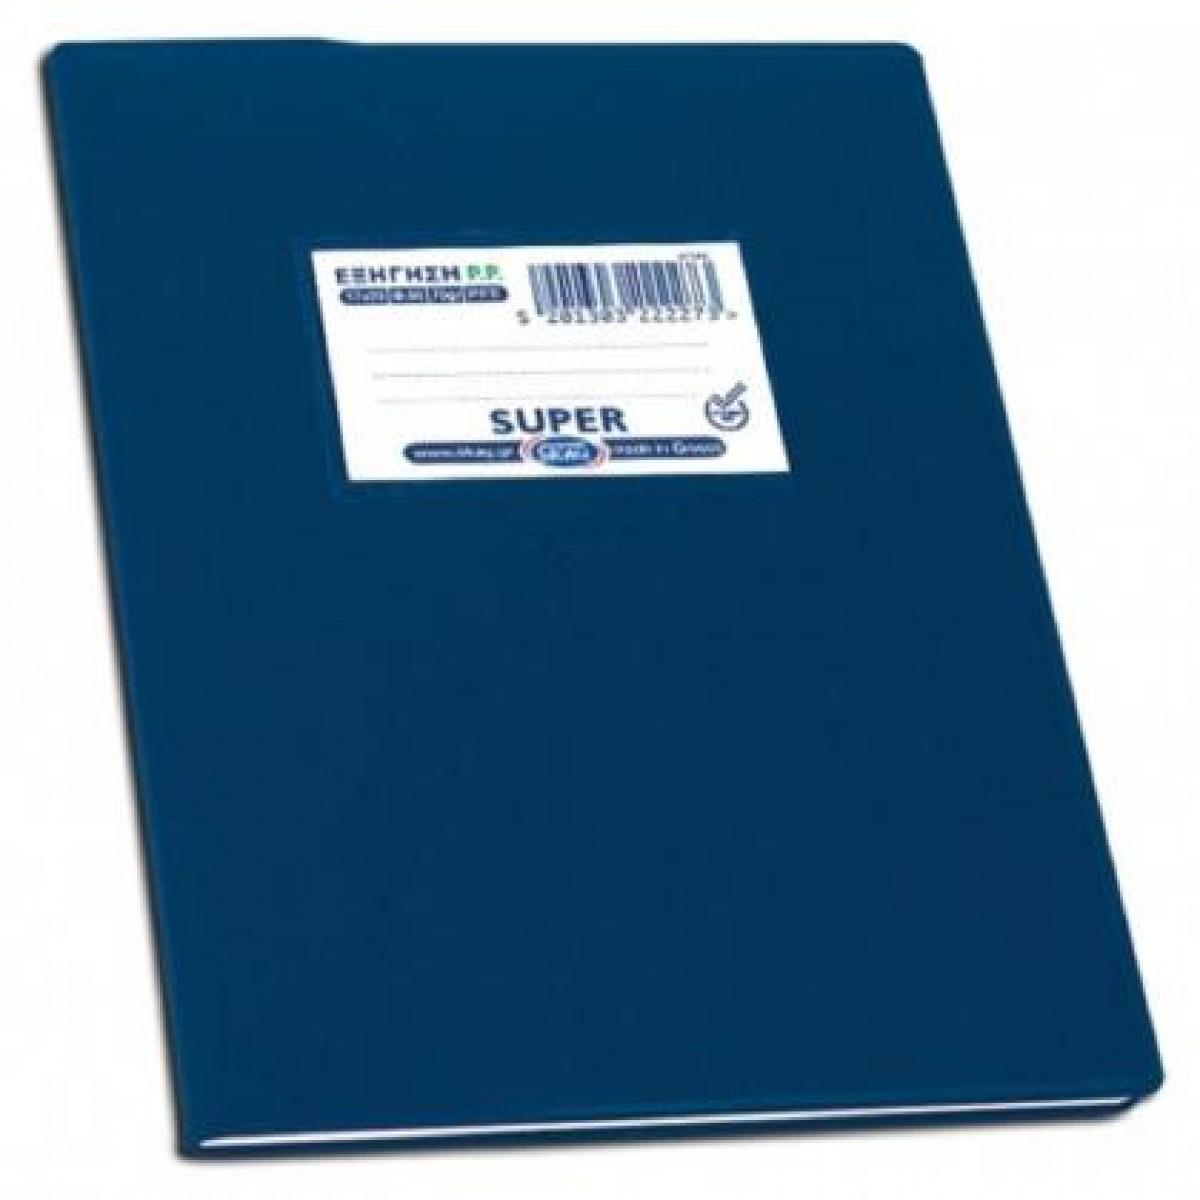 Σχολικό Τετράδιο Ευρετήριο με Κάλυμμα 50 Φύλλα Μπλε